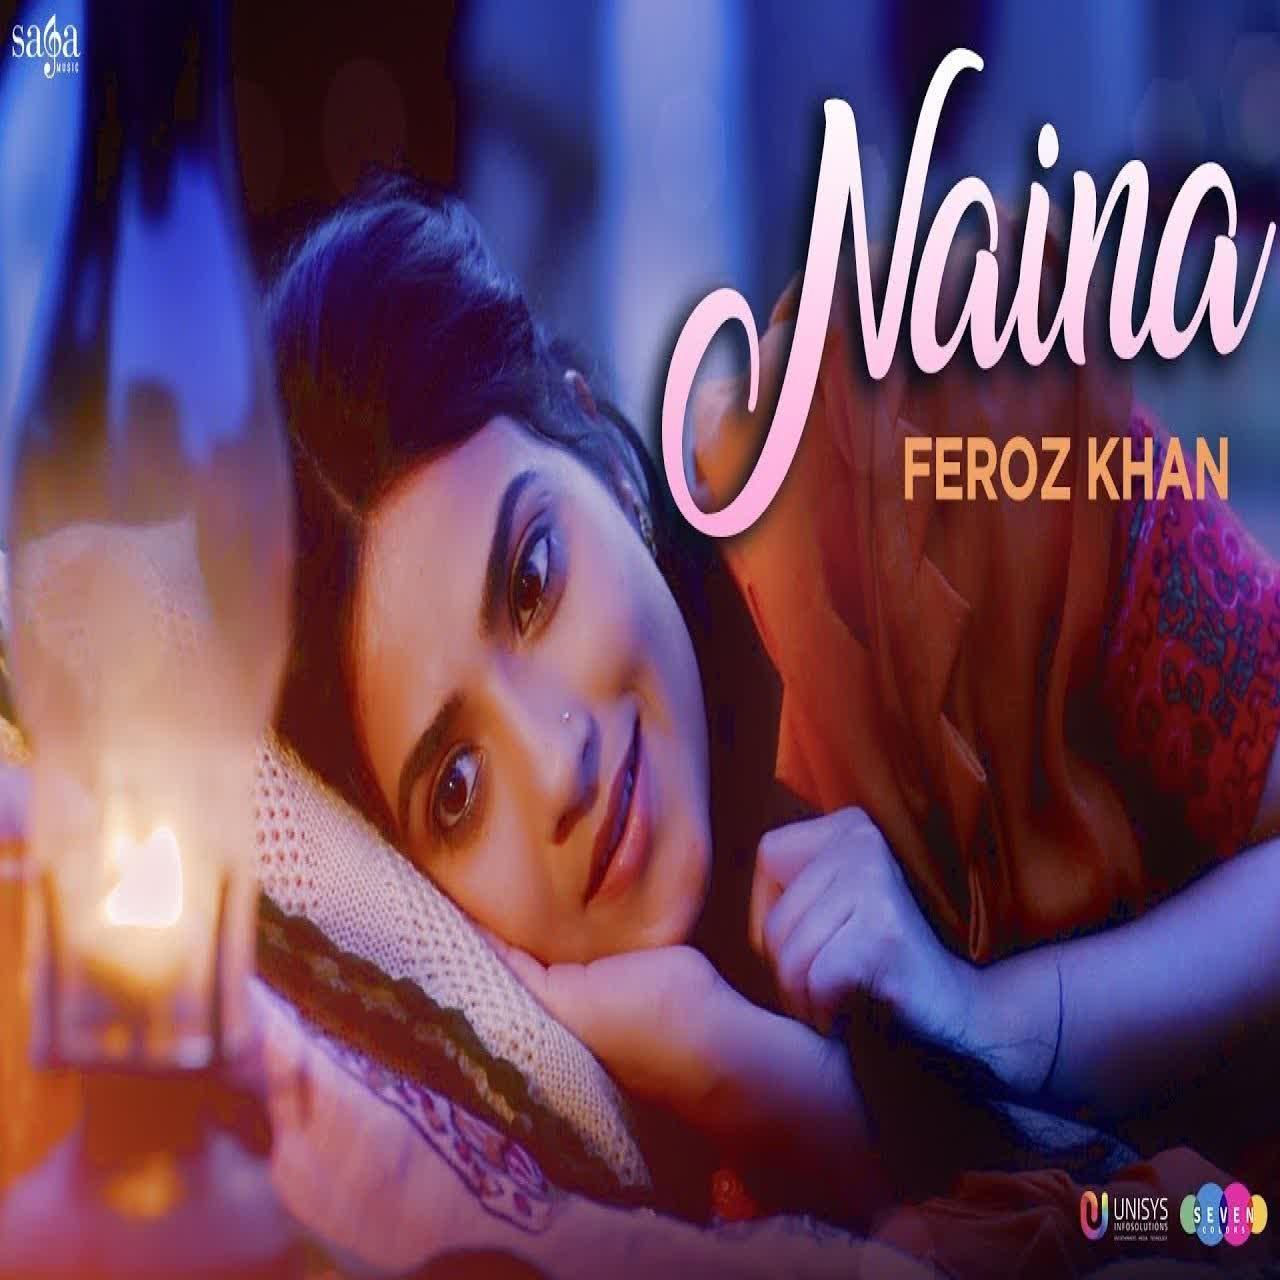 Naina Feroz Khan